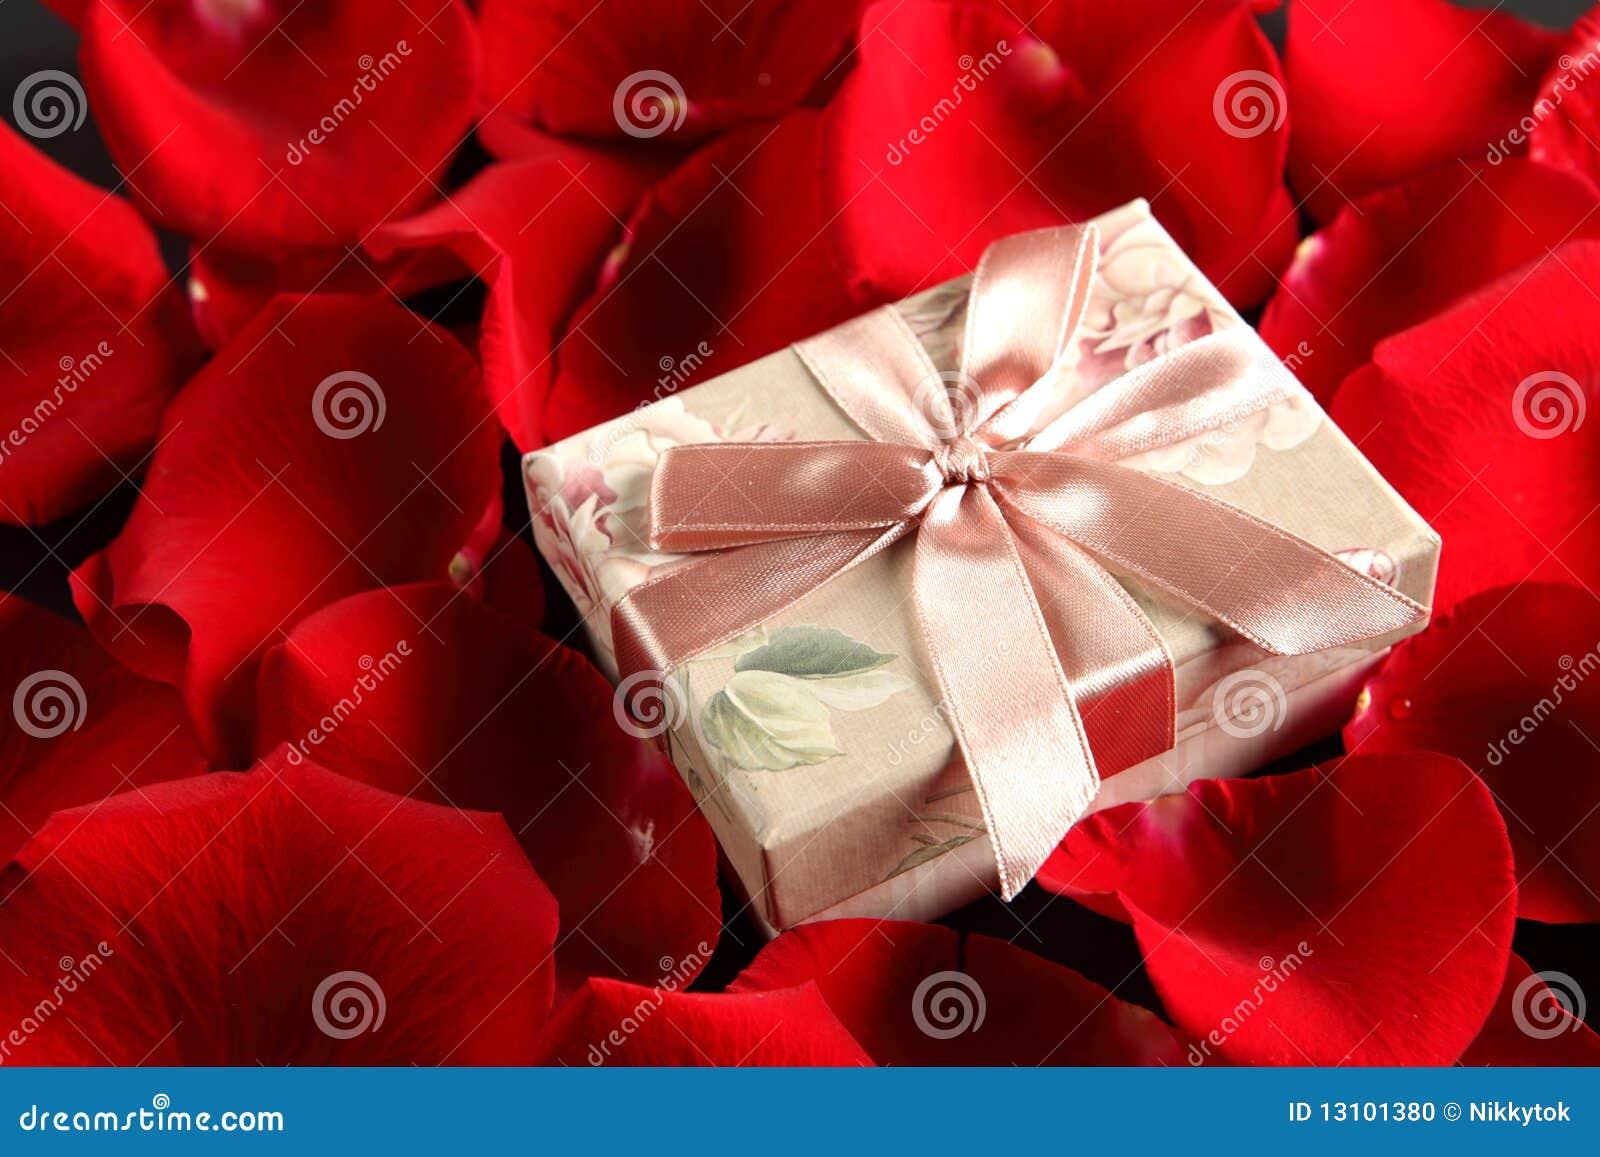 romantisches geschenk stockfoto bild 13101380